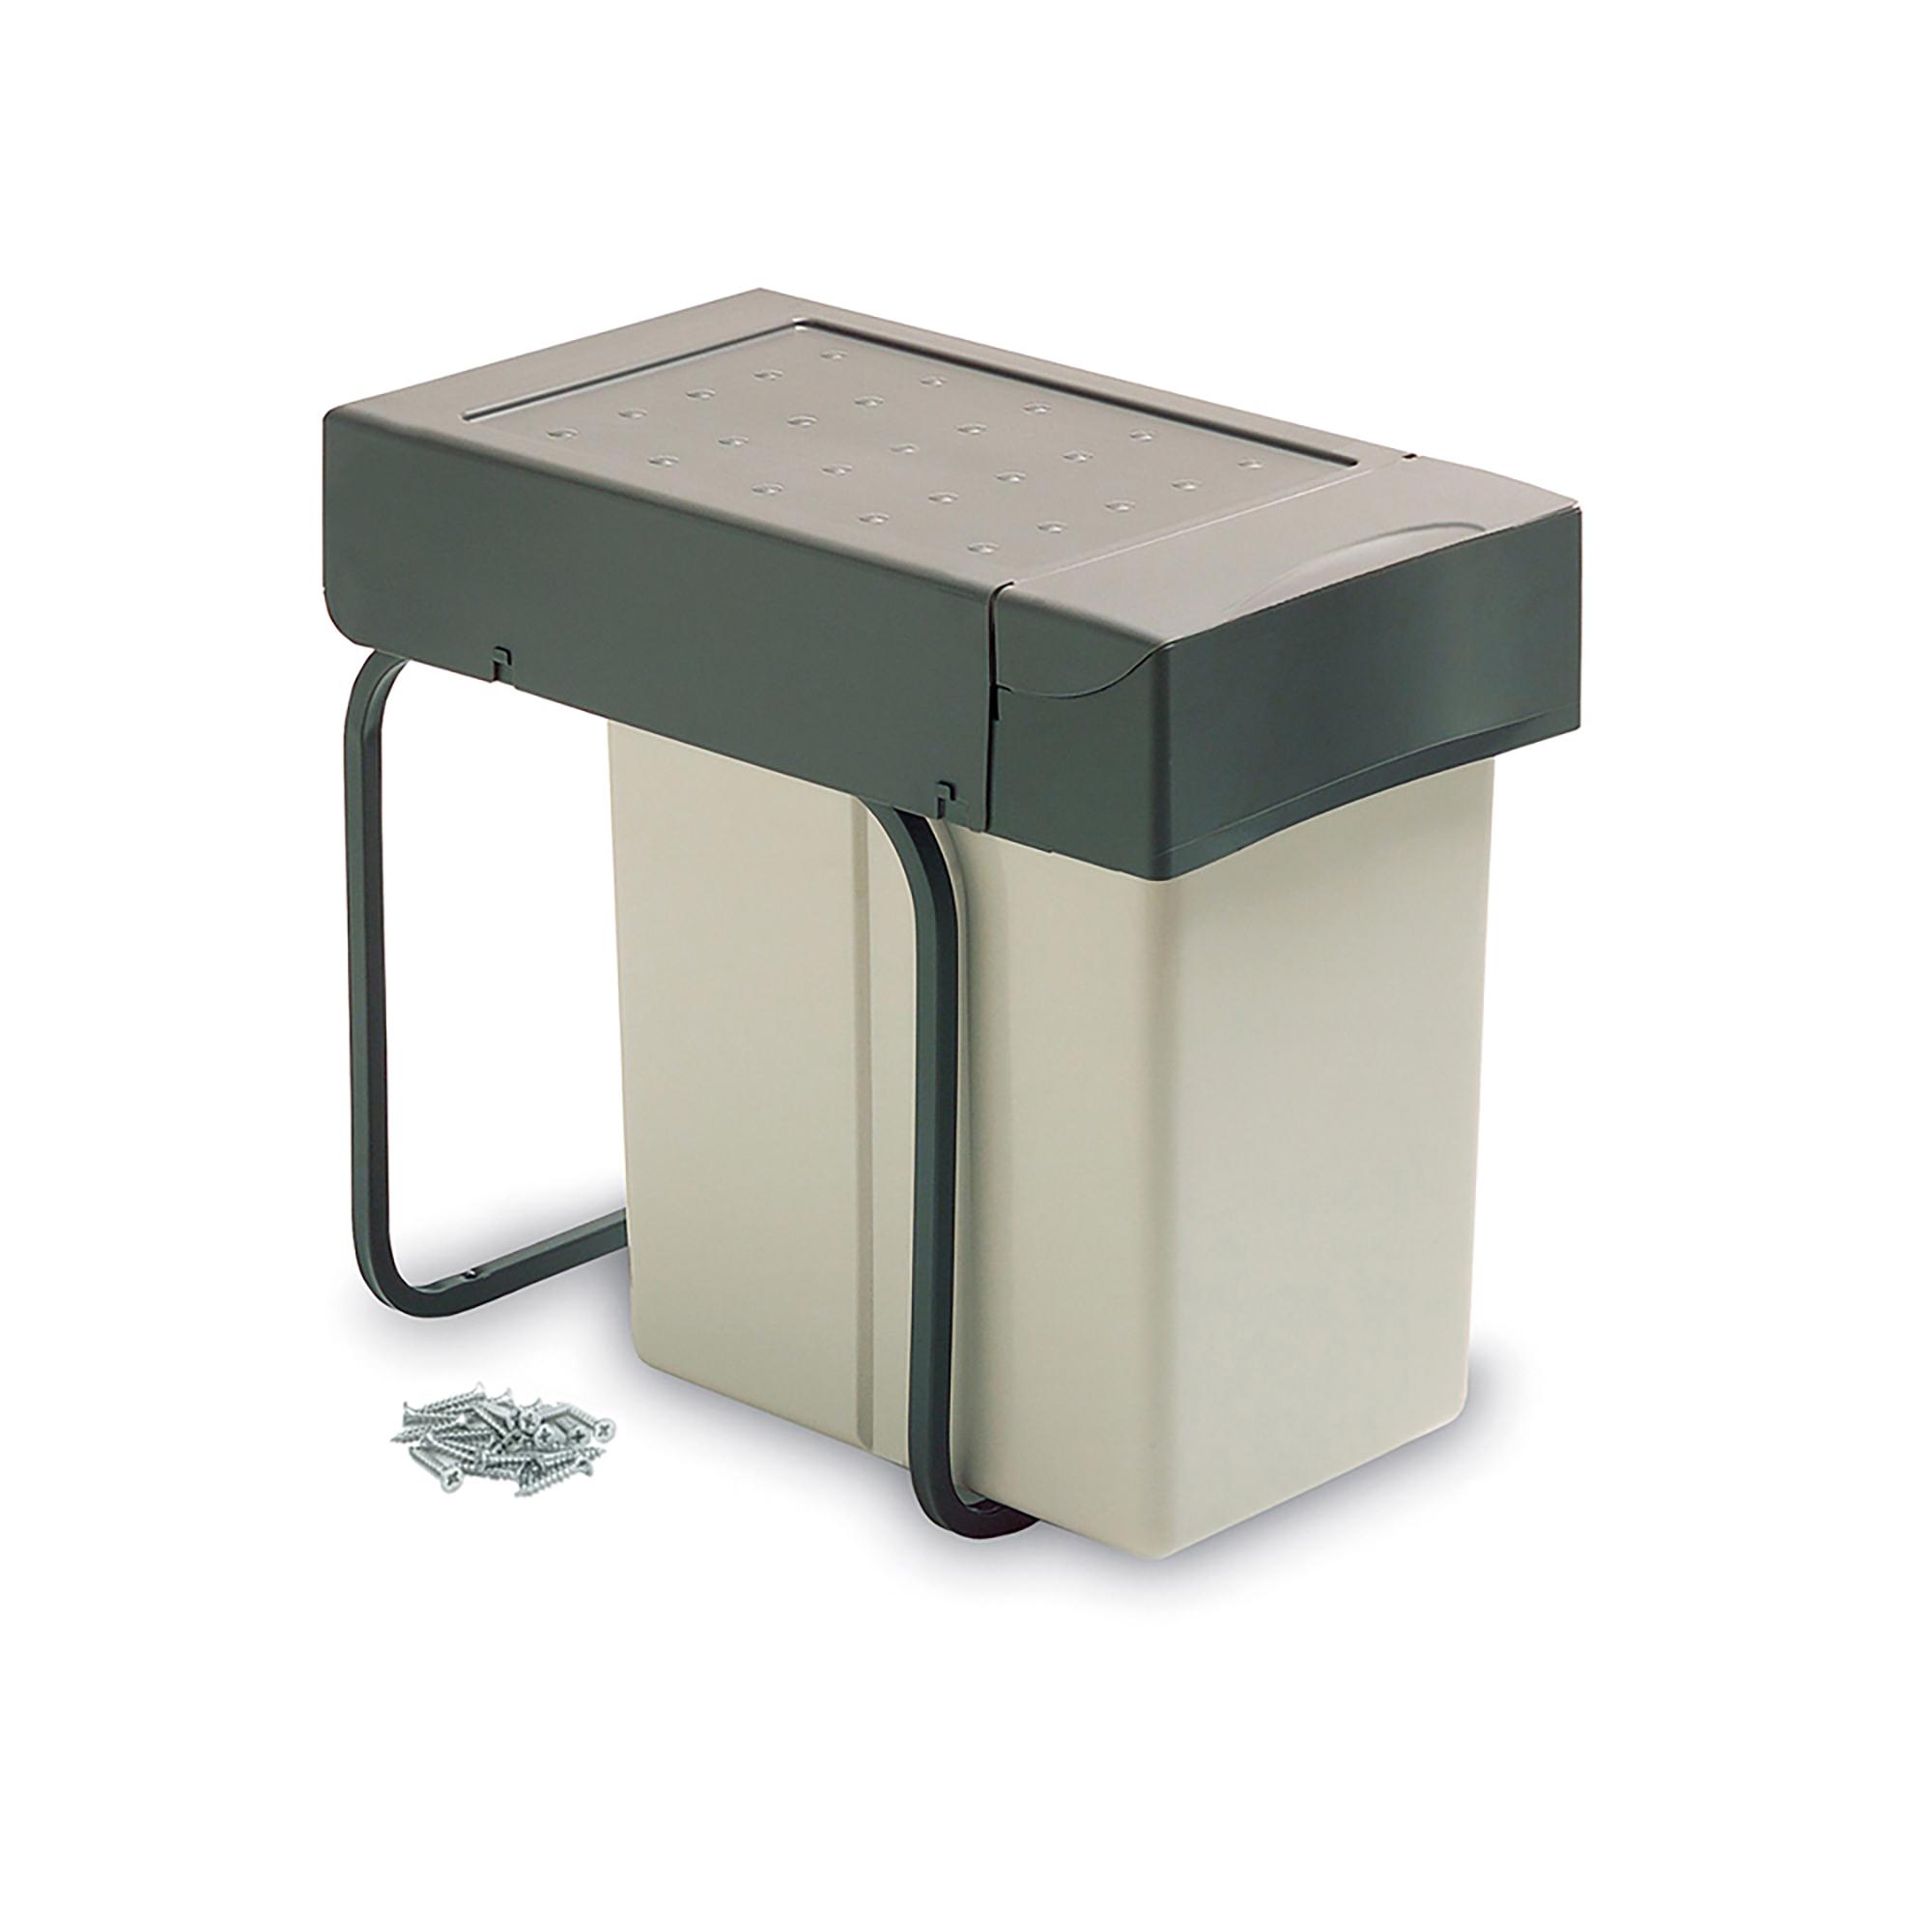 Emuca Pattumiera per raccolta differenziata, 20 L, fissaggio inferiore, coperchio a chiusura automatica, Plastica, Grigio